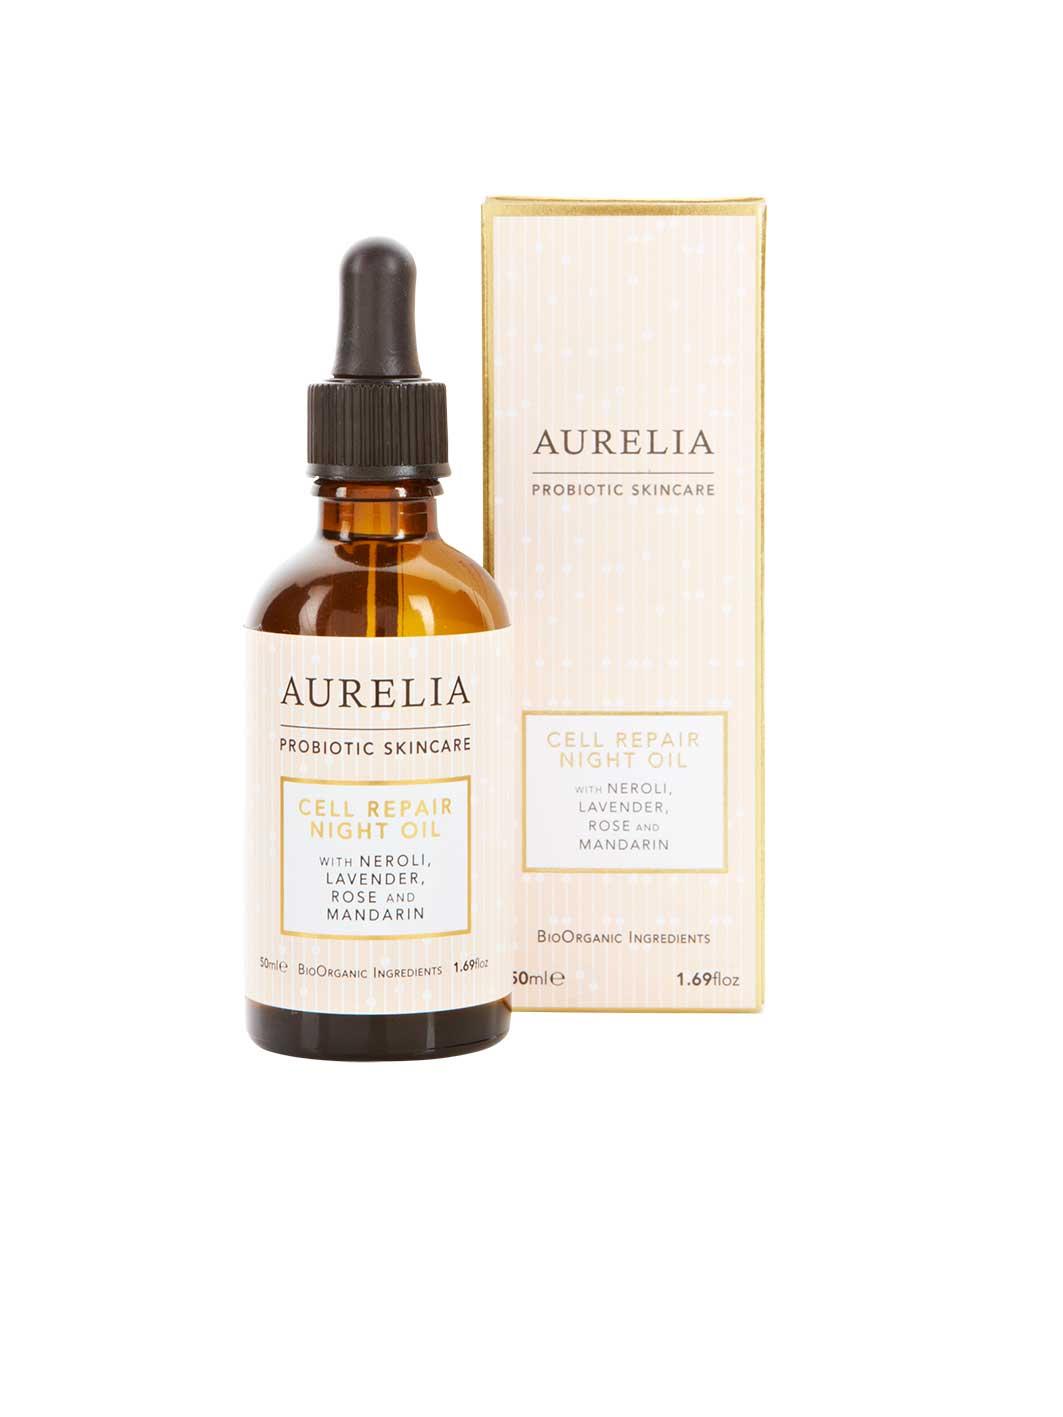 Cell Repair Night Oil, £45, Aurelia Skincare. www.aureliaskincare.com